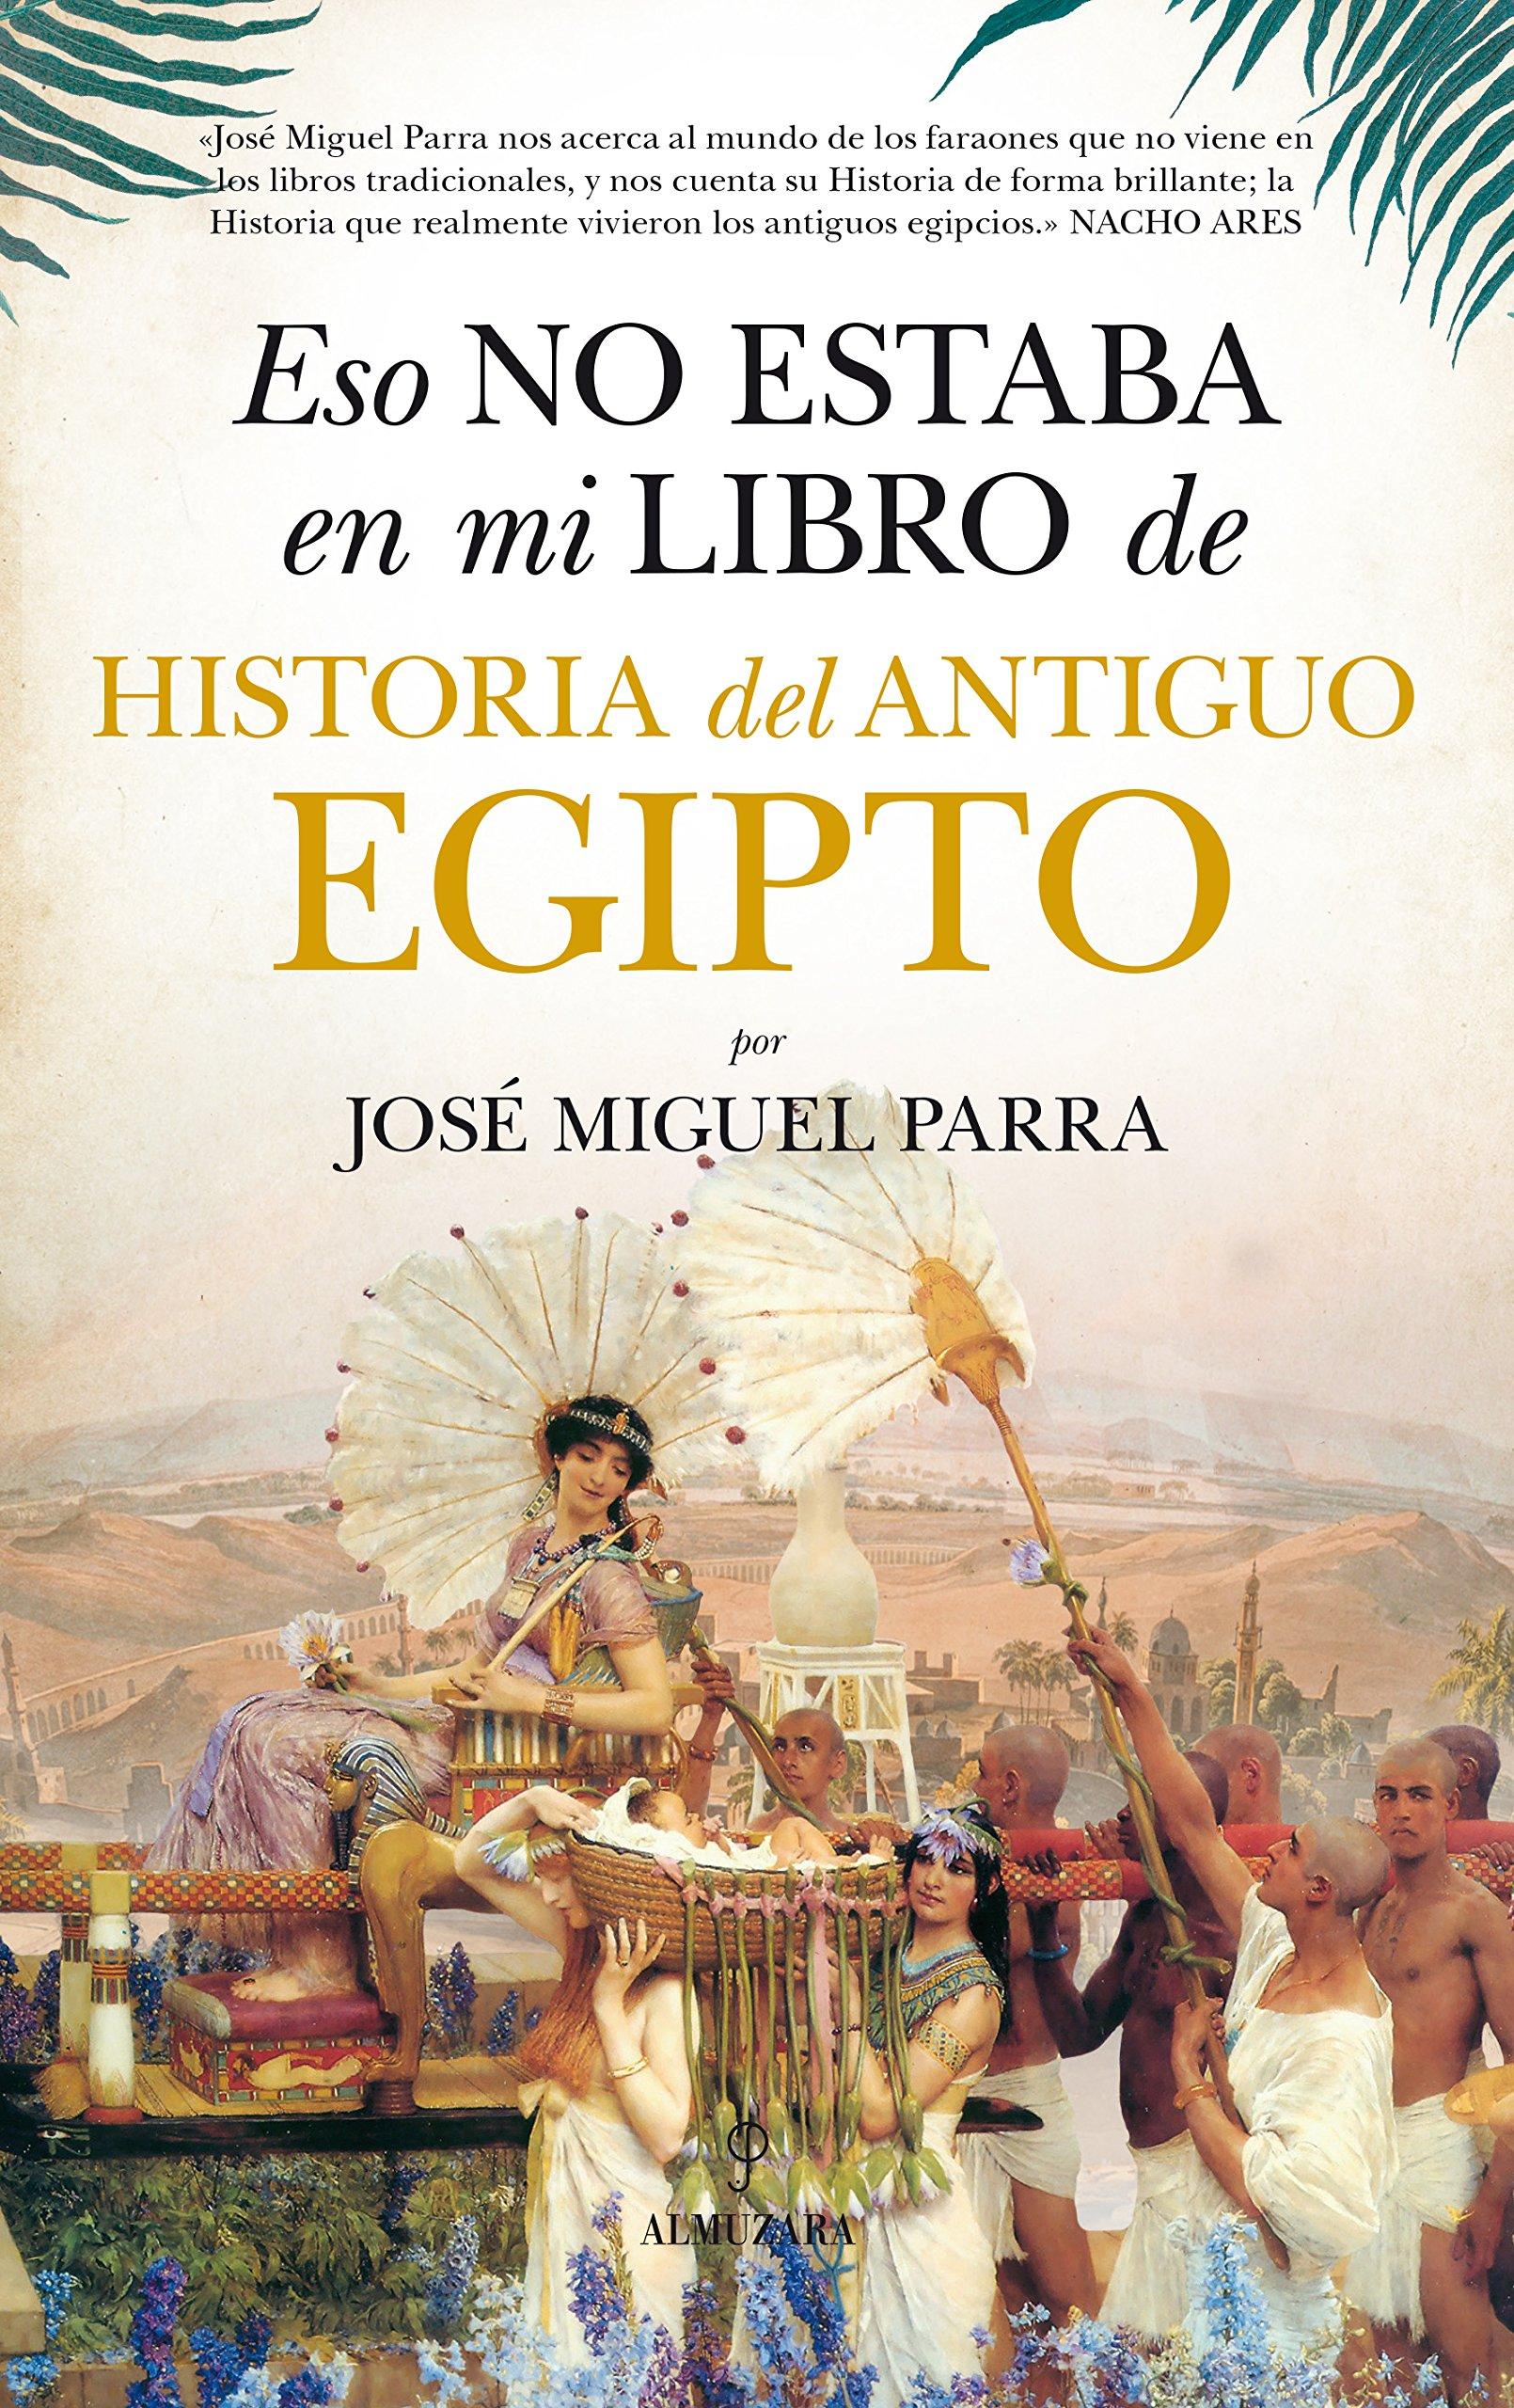 Eso no estaba en mi libro de Historia del Antiguo Egipto: Amazon.es: José Miguel Parra Ortiz: Libros